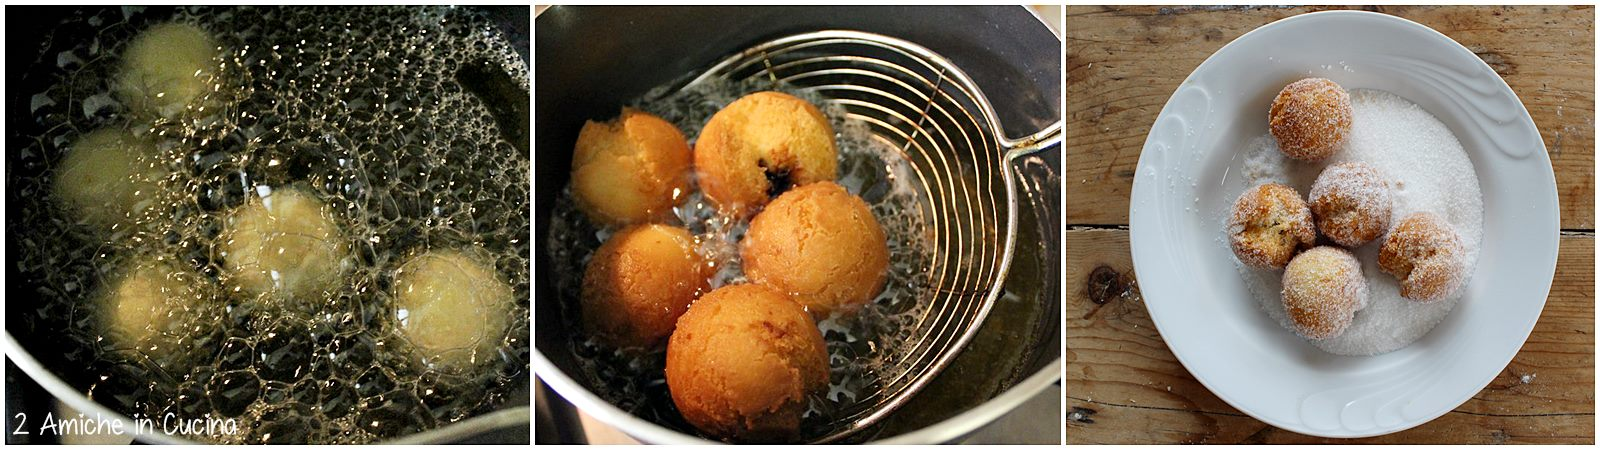 Come friggere i dolci di carnevale